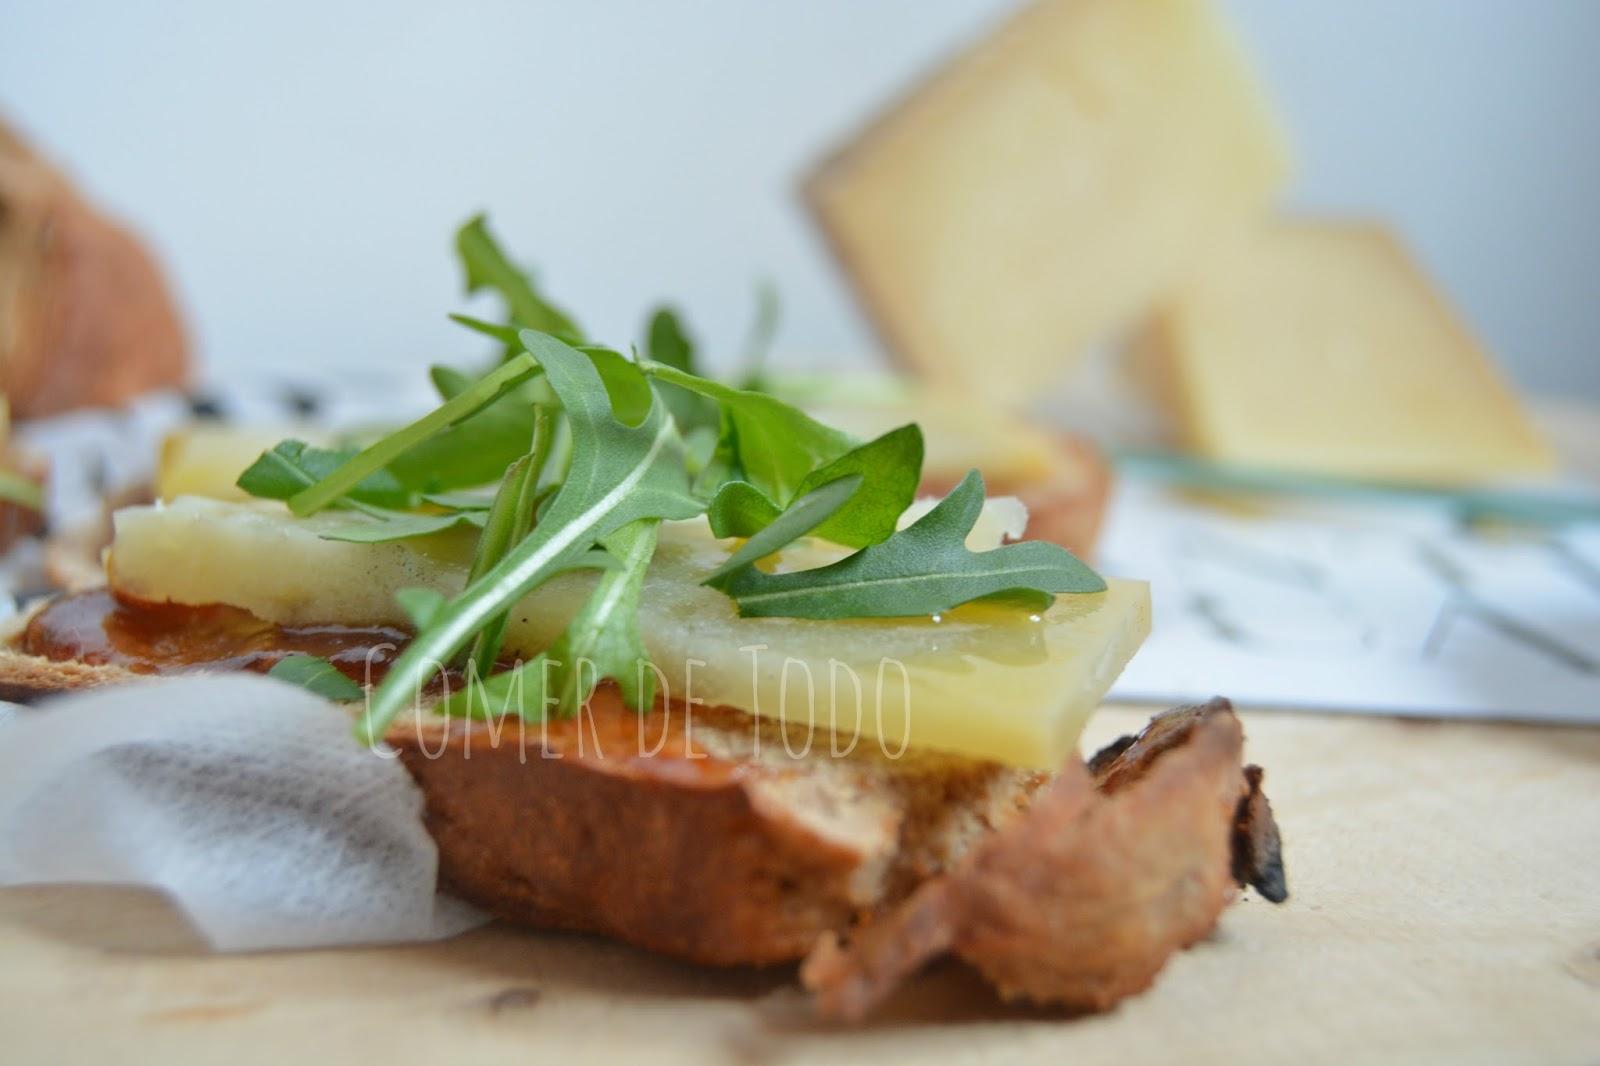 Comer De Todo: Tostas con queso añejo Vellón de Fuentesaúco